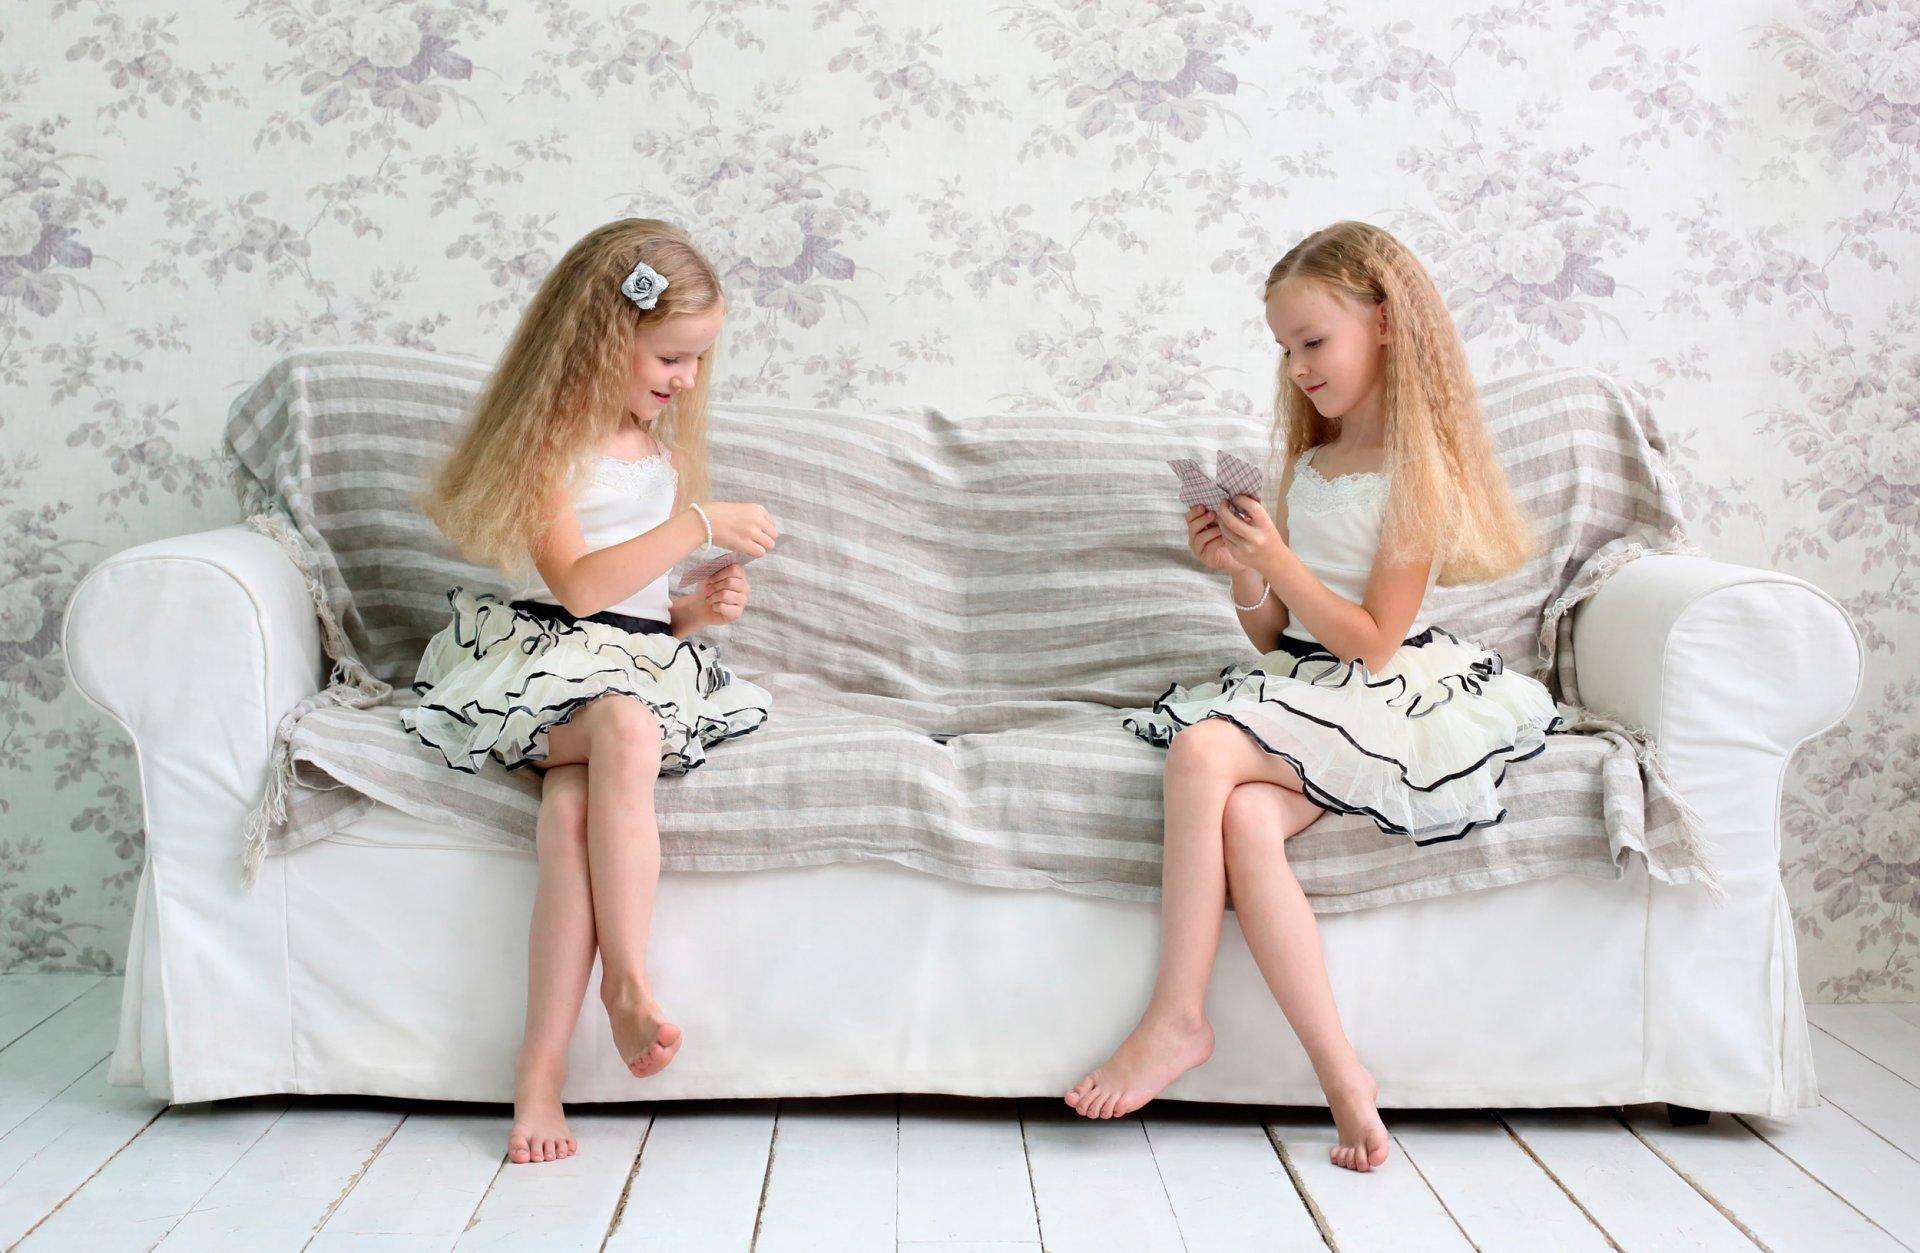 Играть девочки карта игровые автоматы онлайн бесплатно касатка